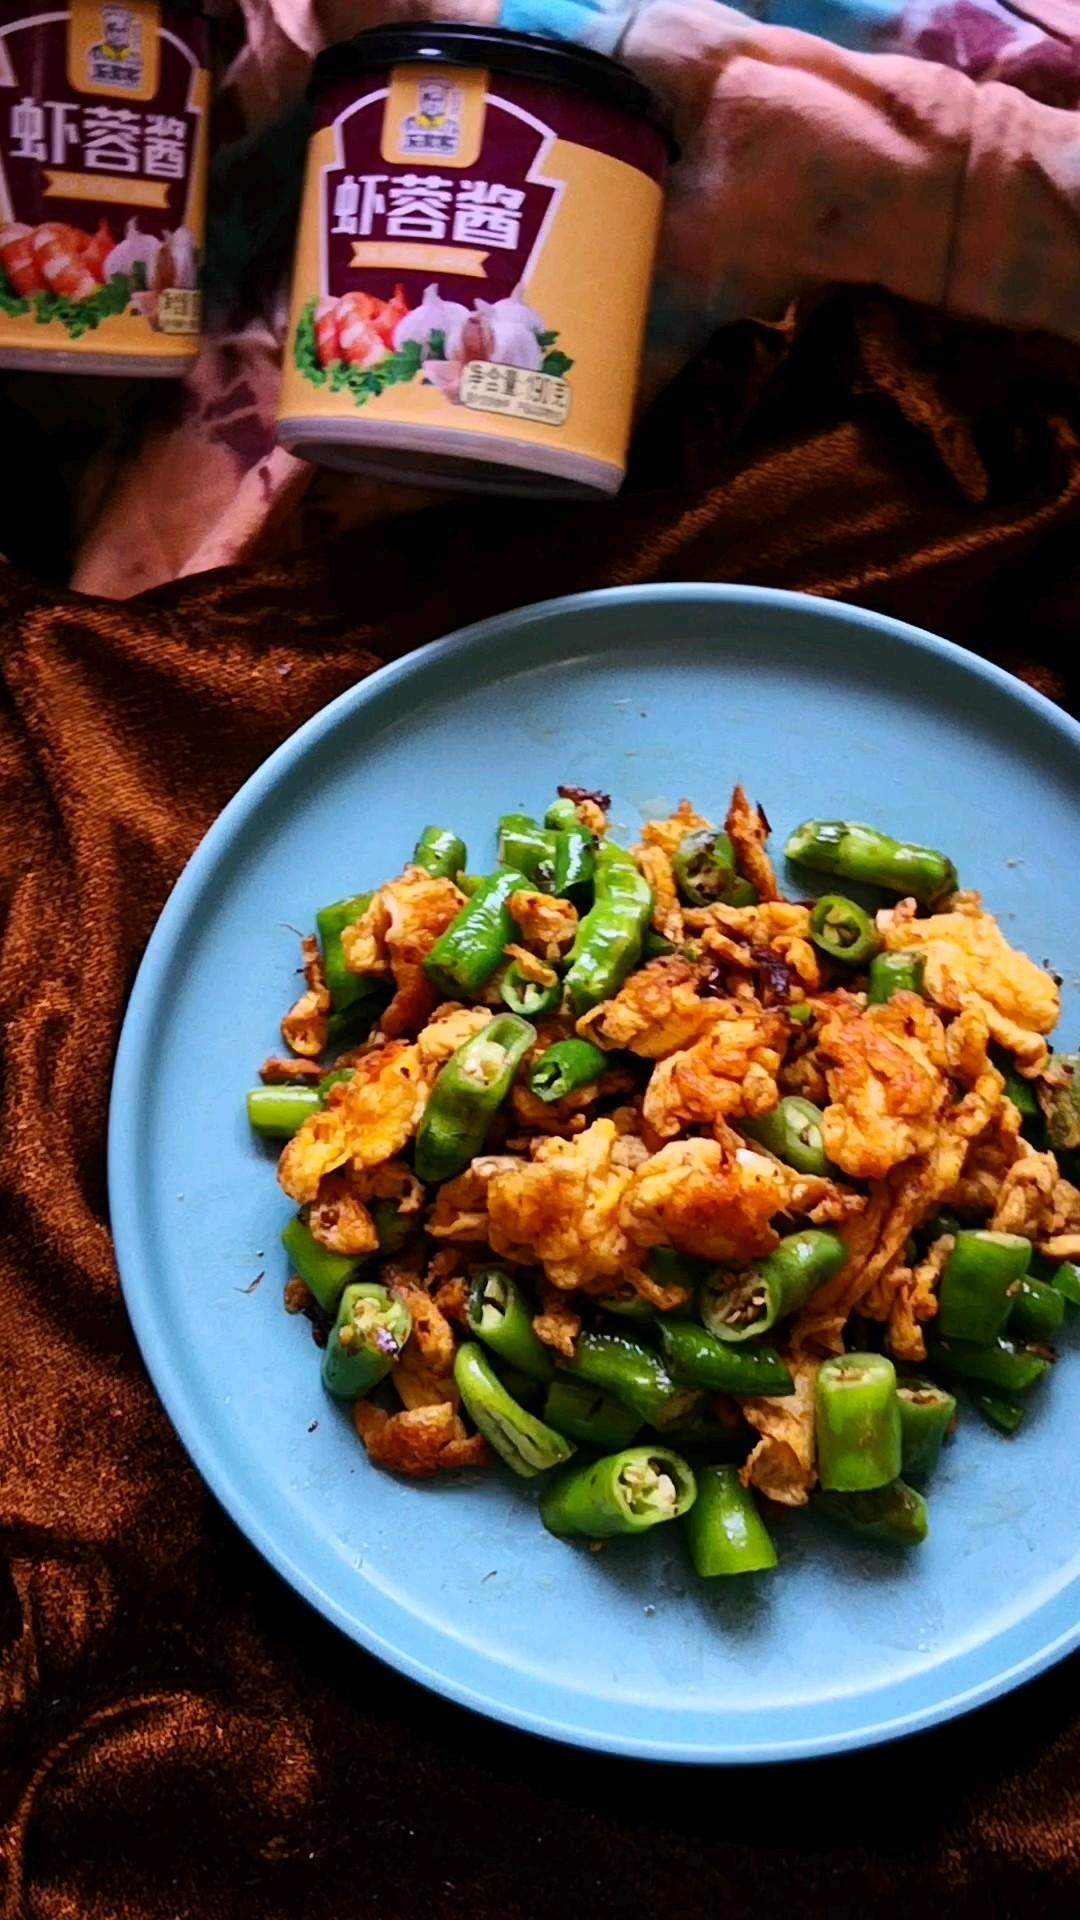 虾蓉酱炒鸡蛋